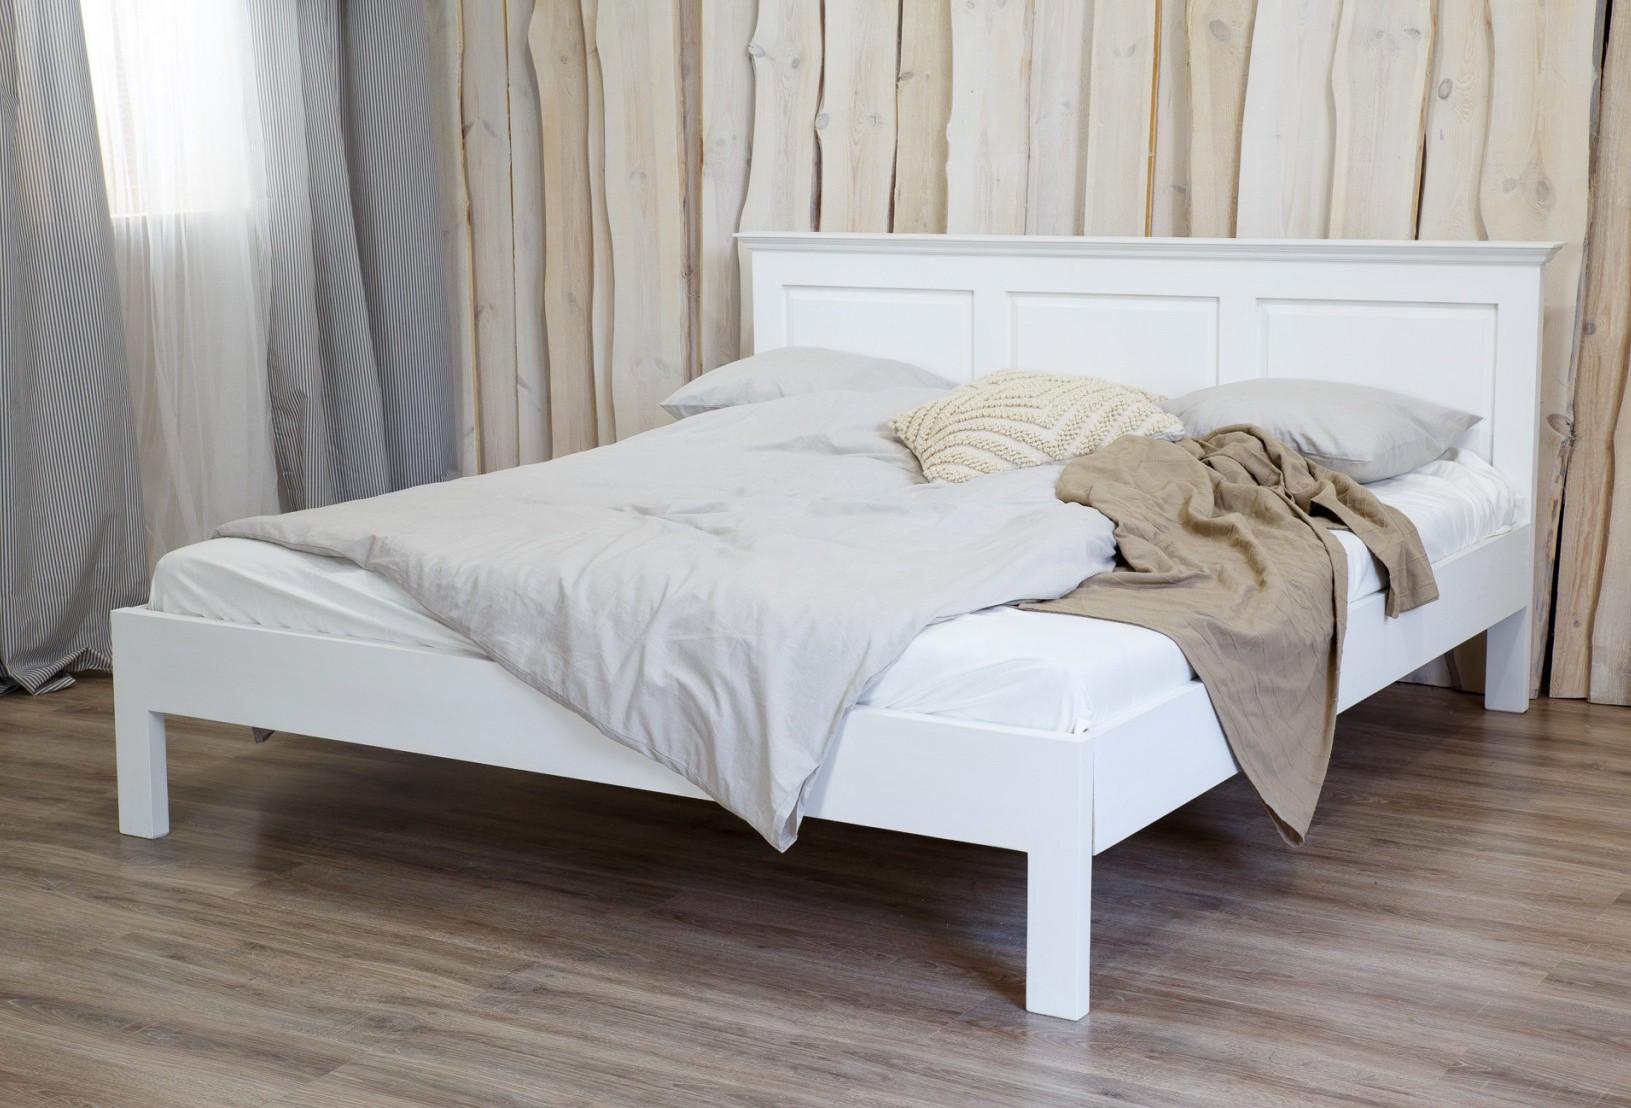 aba44ae45764 Biela manželská posteľ · Manželská posteľ z masívu ...